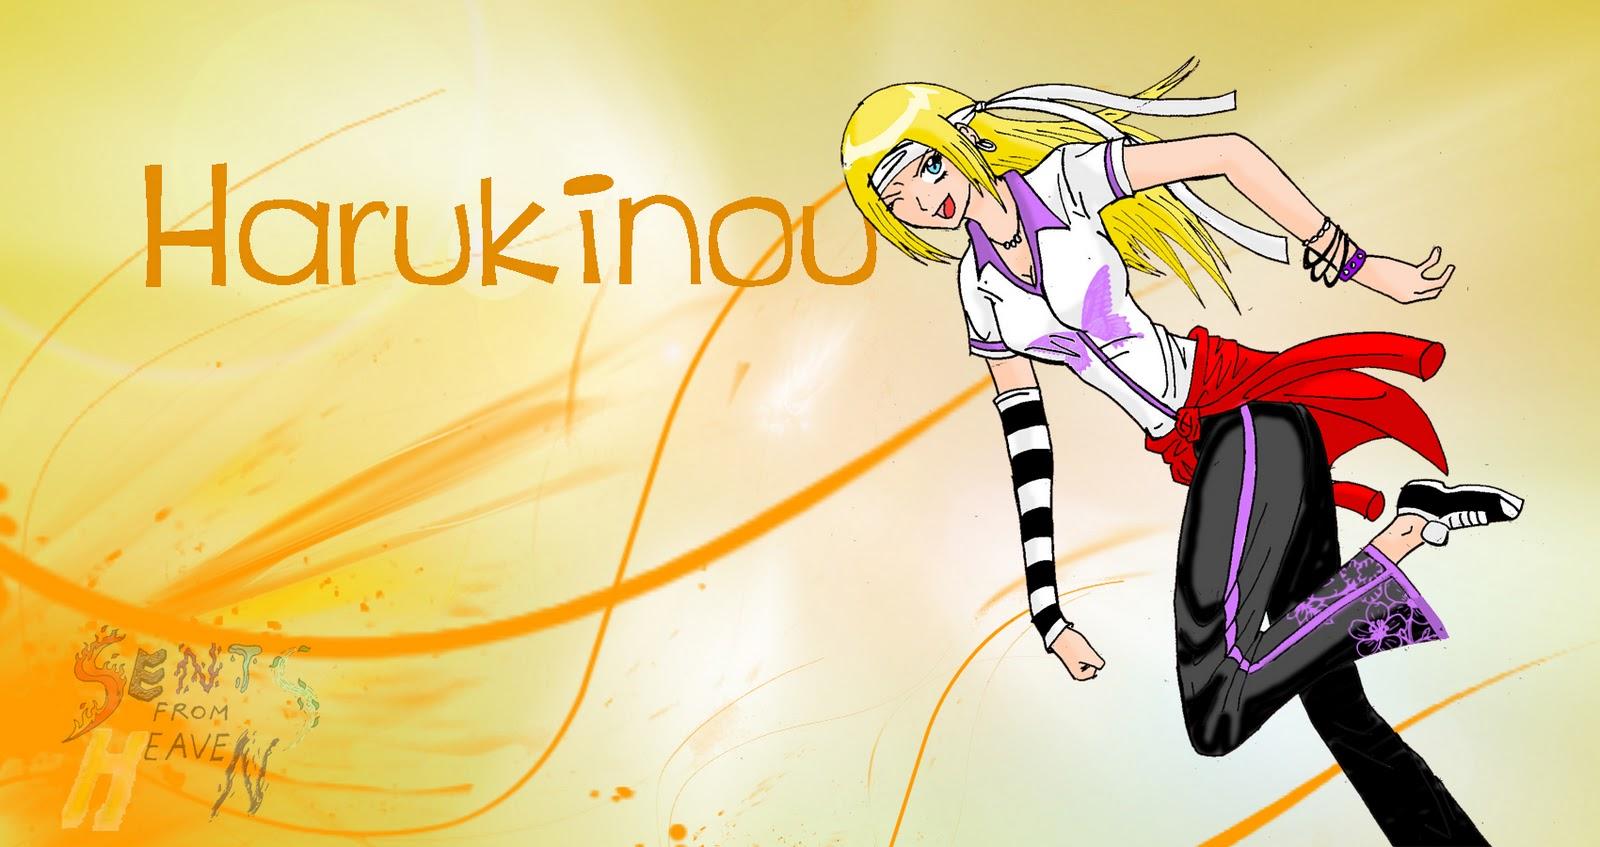 http://1.bp.blogspot.com/_7DPLSP9Xzu8/TUlcit7nGaI/AAAAAAAAAFE/ziqK1HcaeNg/s1600/Harukinou_Wallpaper.jpg